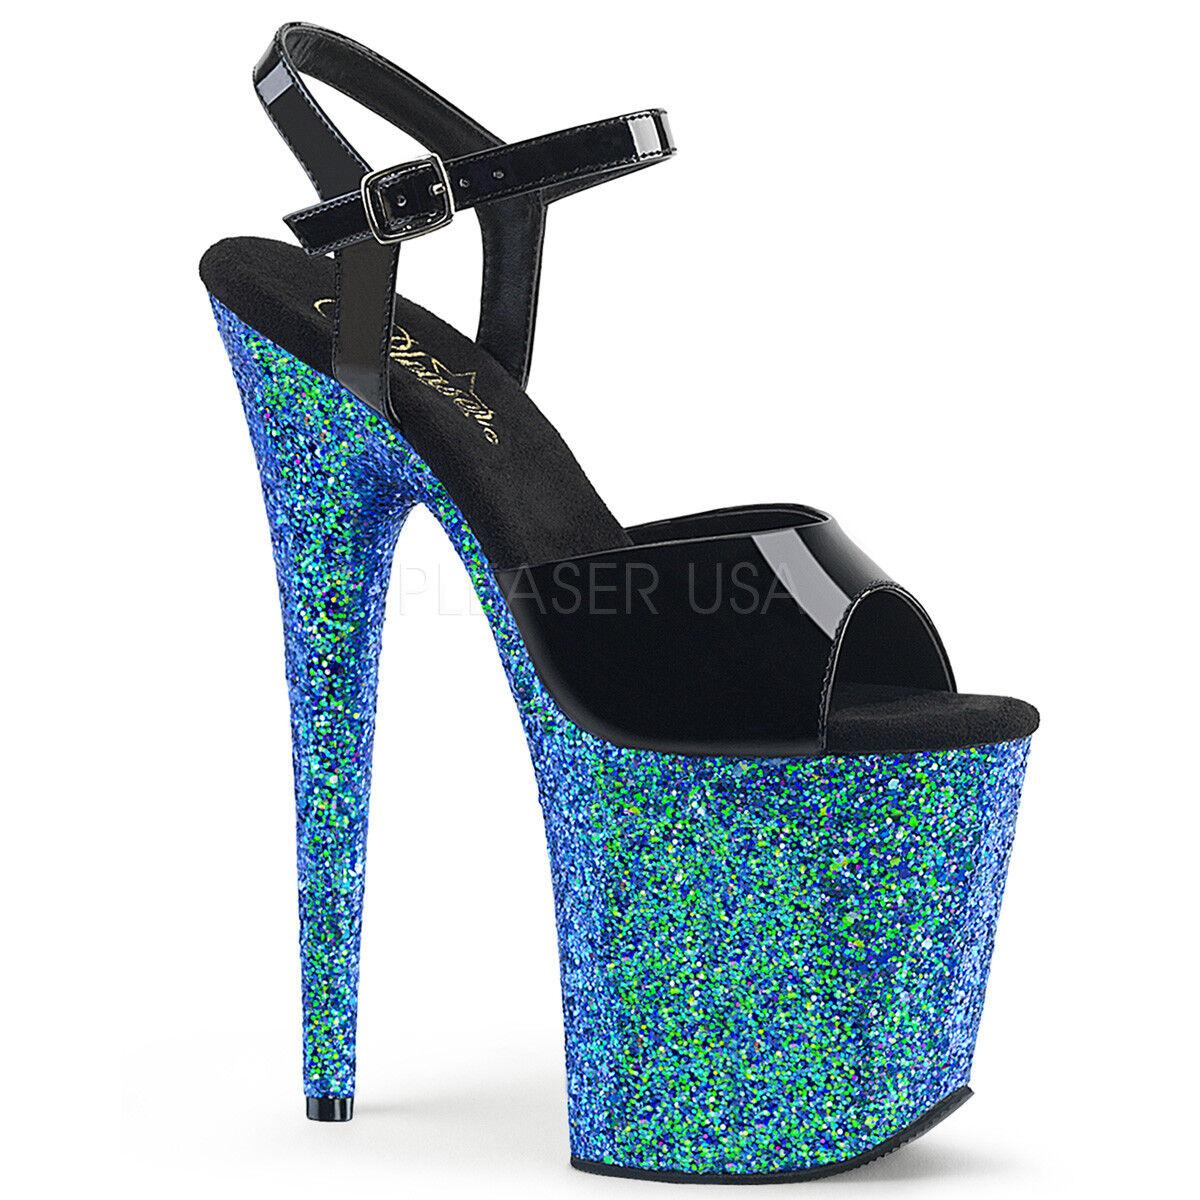 Pleaser FLAMINGO-809LG Platform Ankle Strap Heel Sandale Holographic Glitters 8